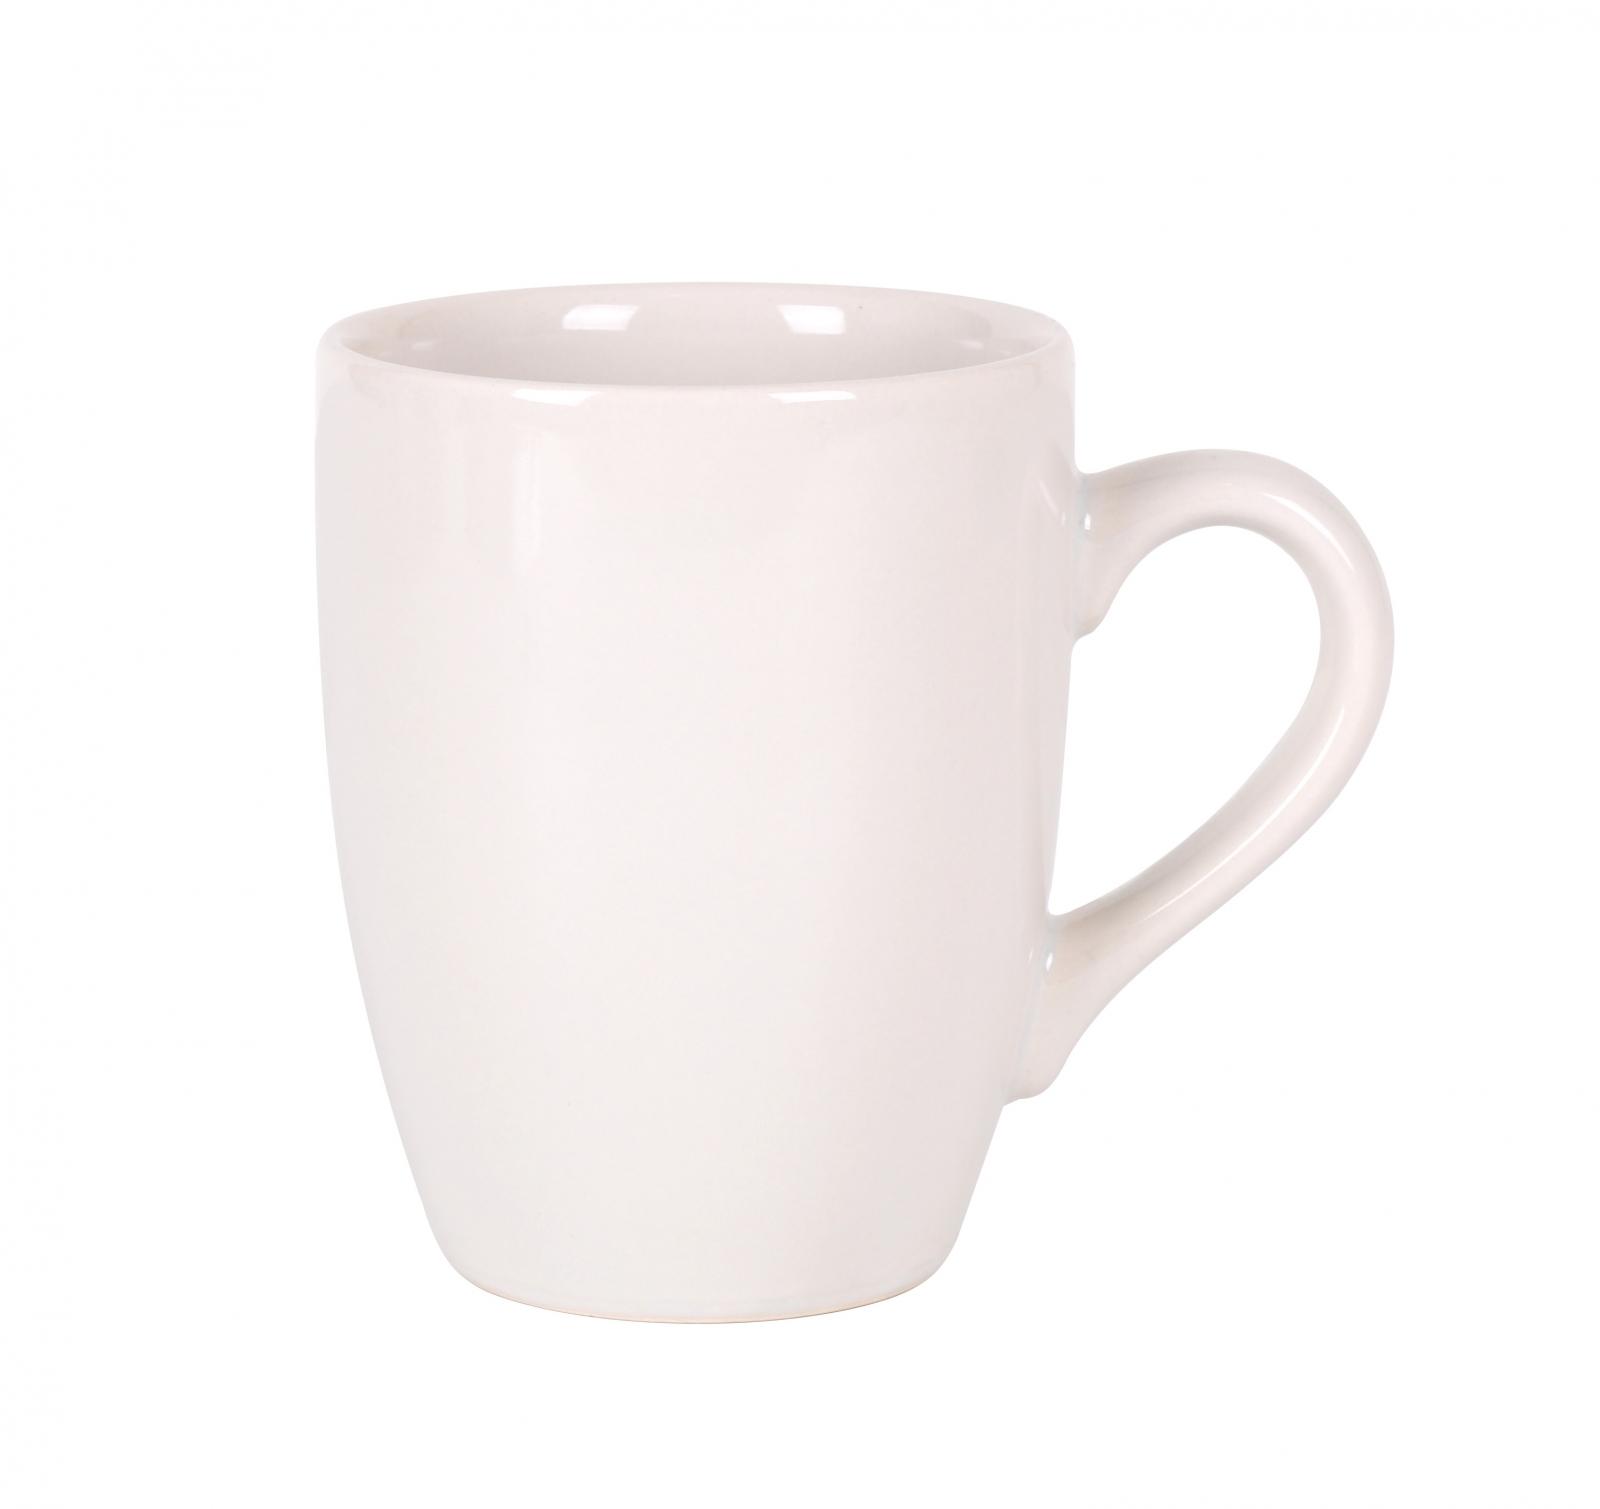 Mug de Stonweare ALFARES DE S.C Onda 8,4x9,5cm - Ivory